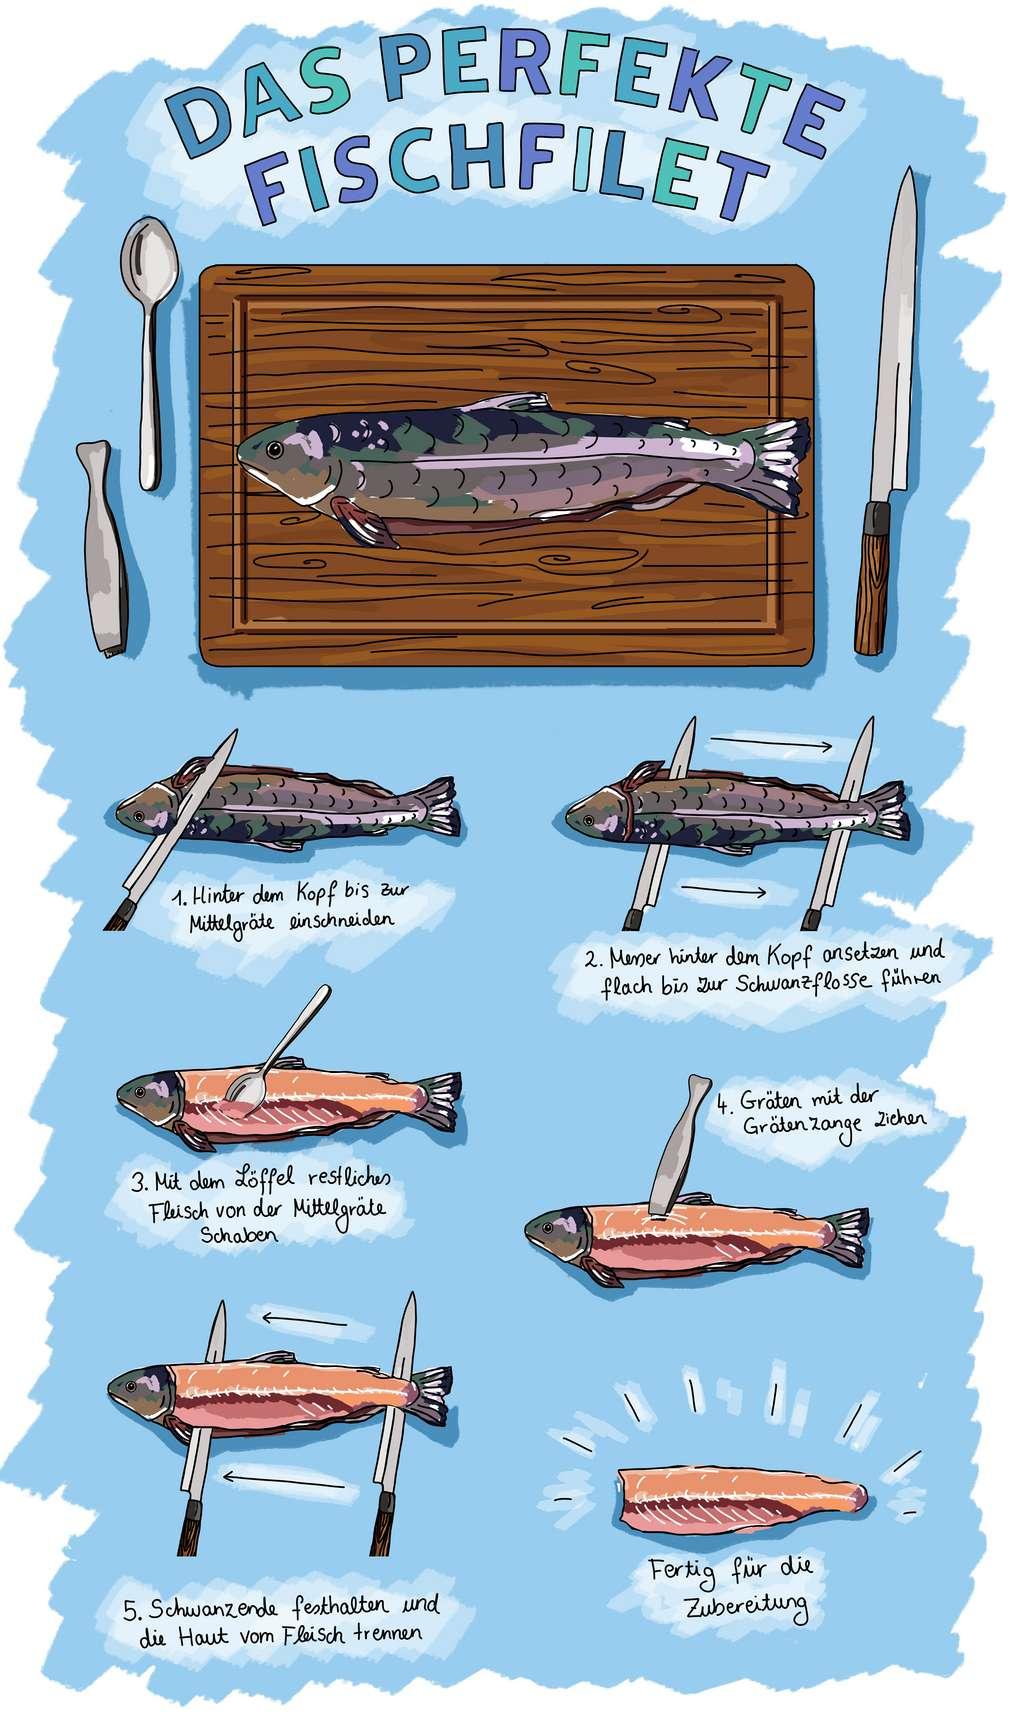 Das perfekte Fischfilet